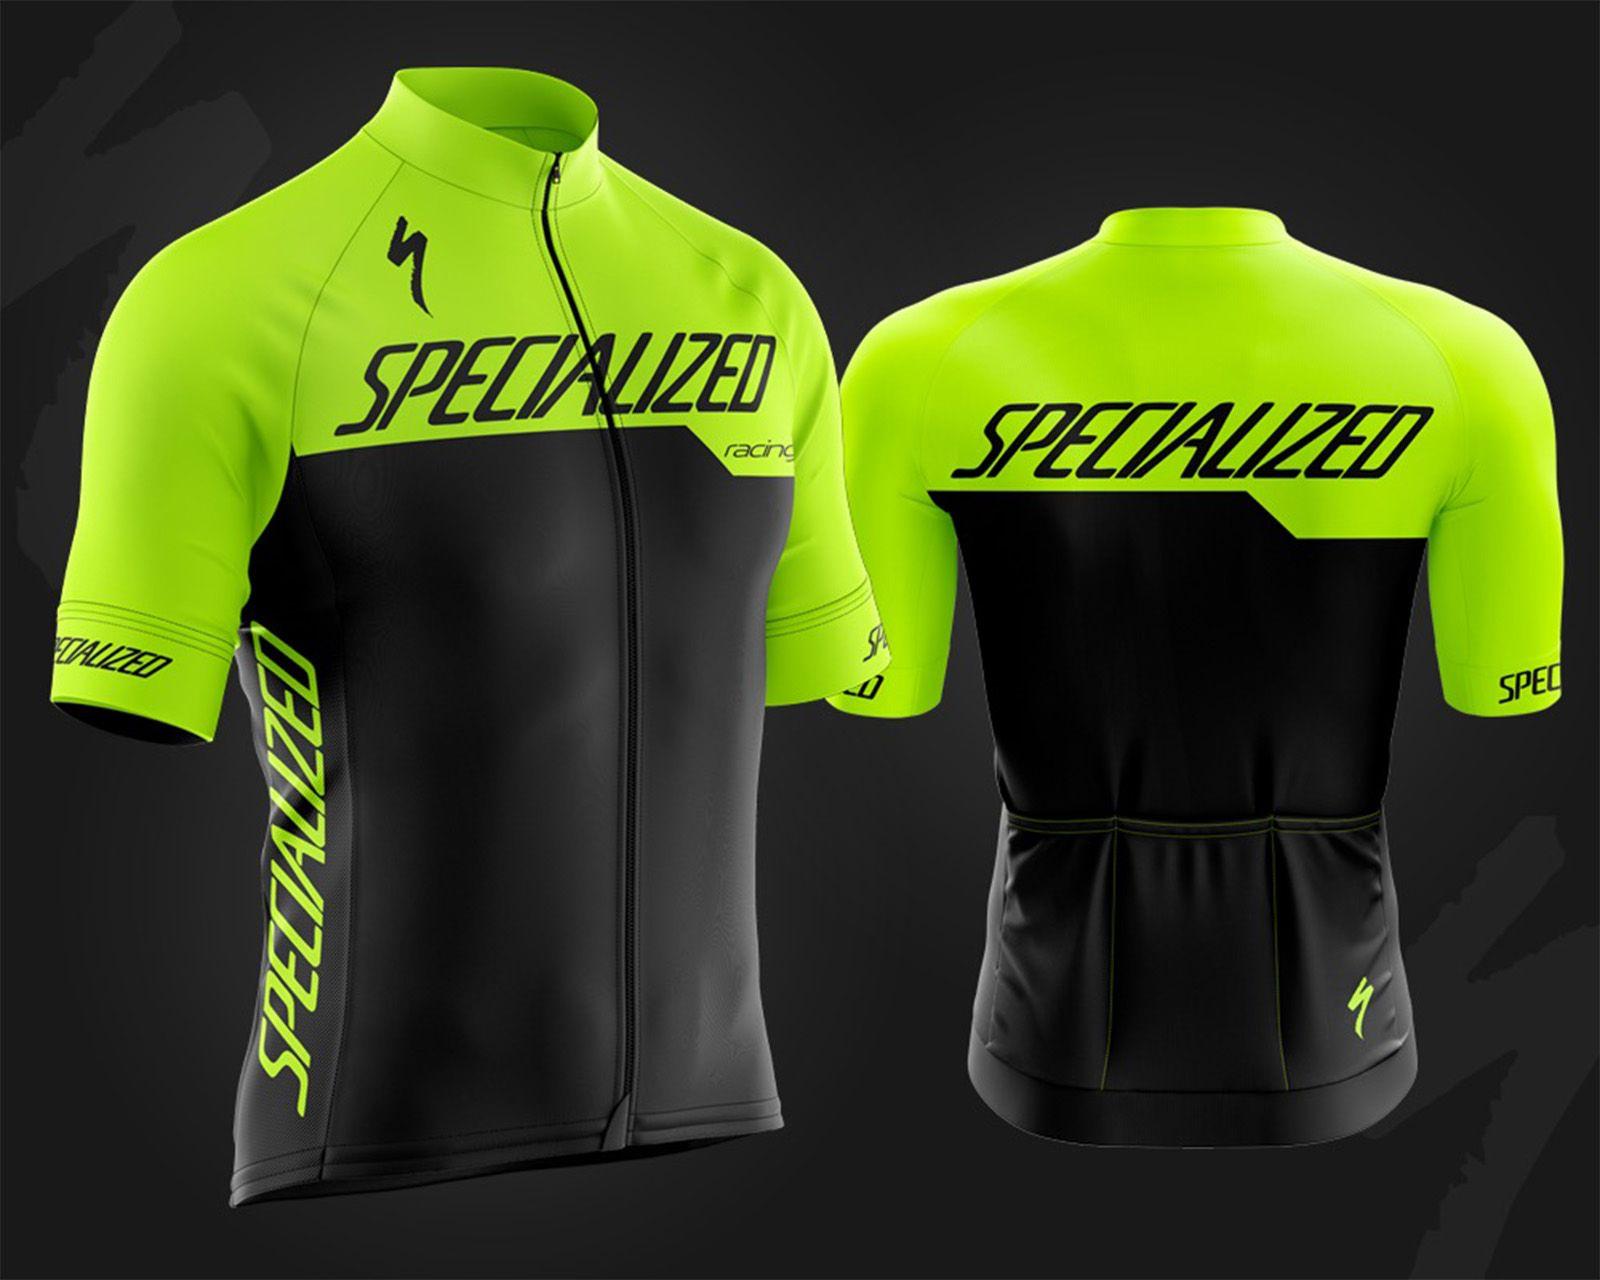 Camisa Ciclismo  c/ Proteção UV